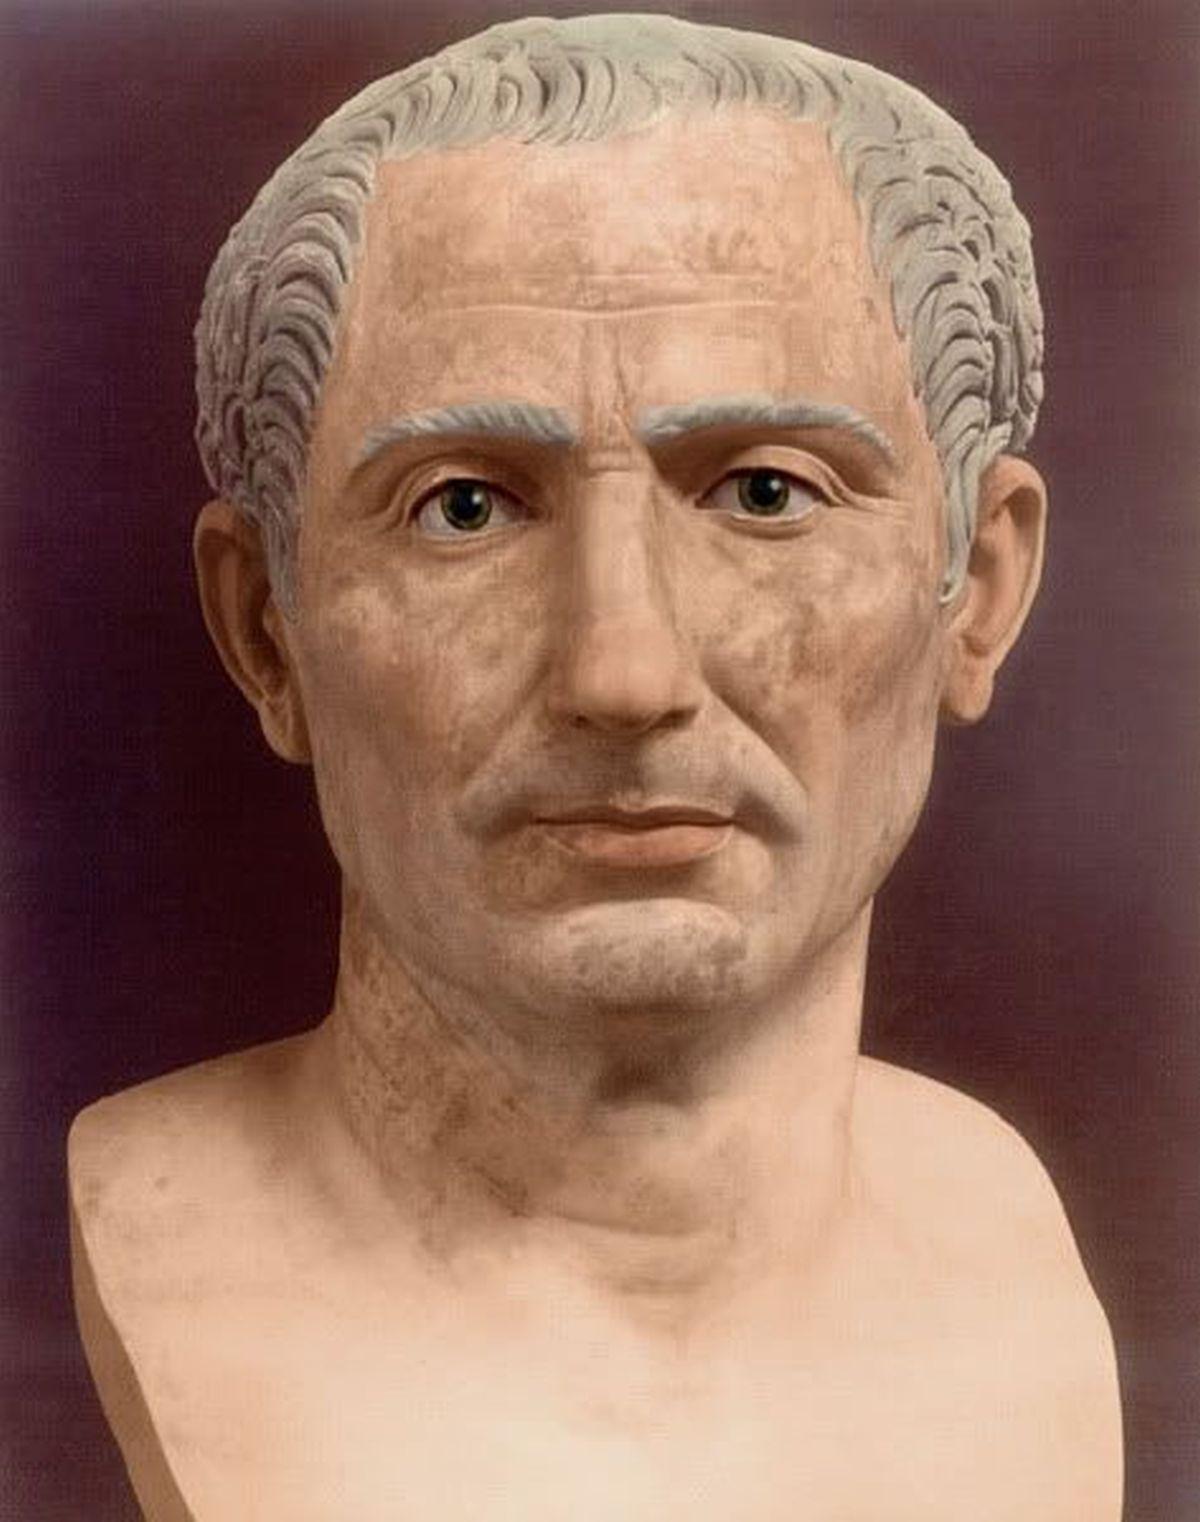 Rekonstrukcja popiersia rzymskiego wodza - Juliusza Cezara.